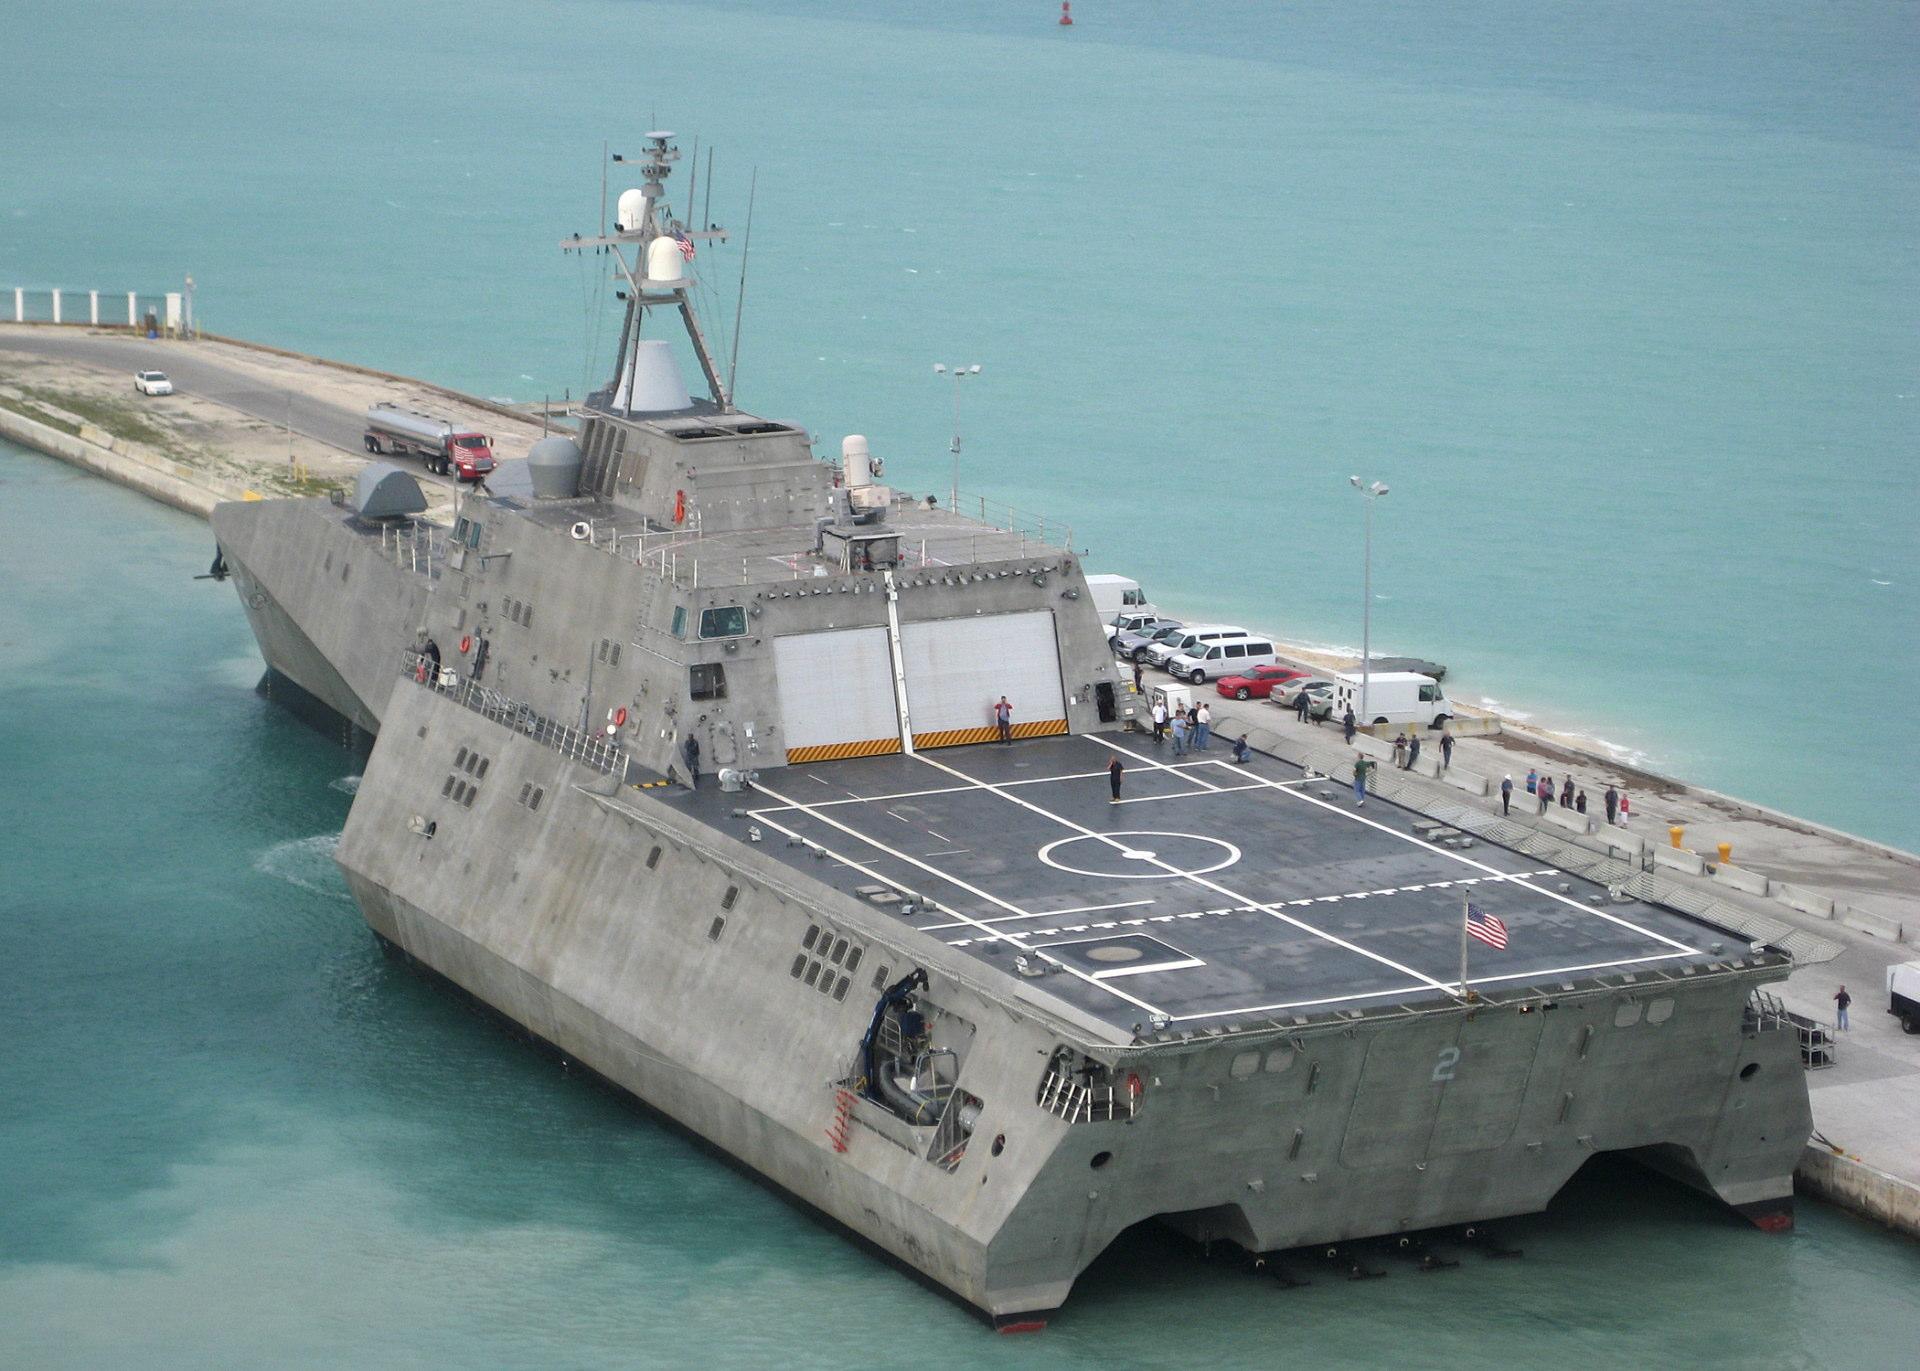 インディペンデンス級沿海域戦闘艦の画像 p1_28